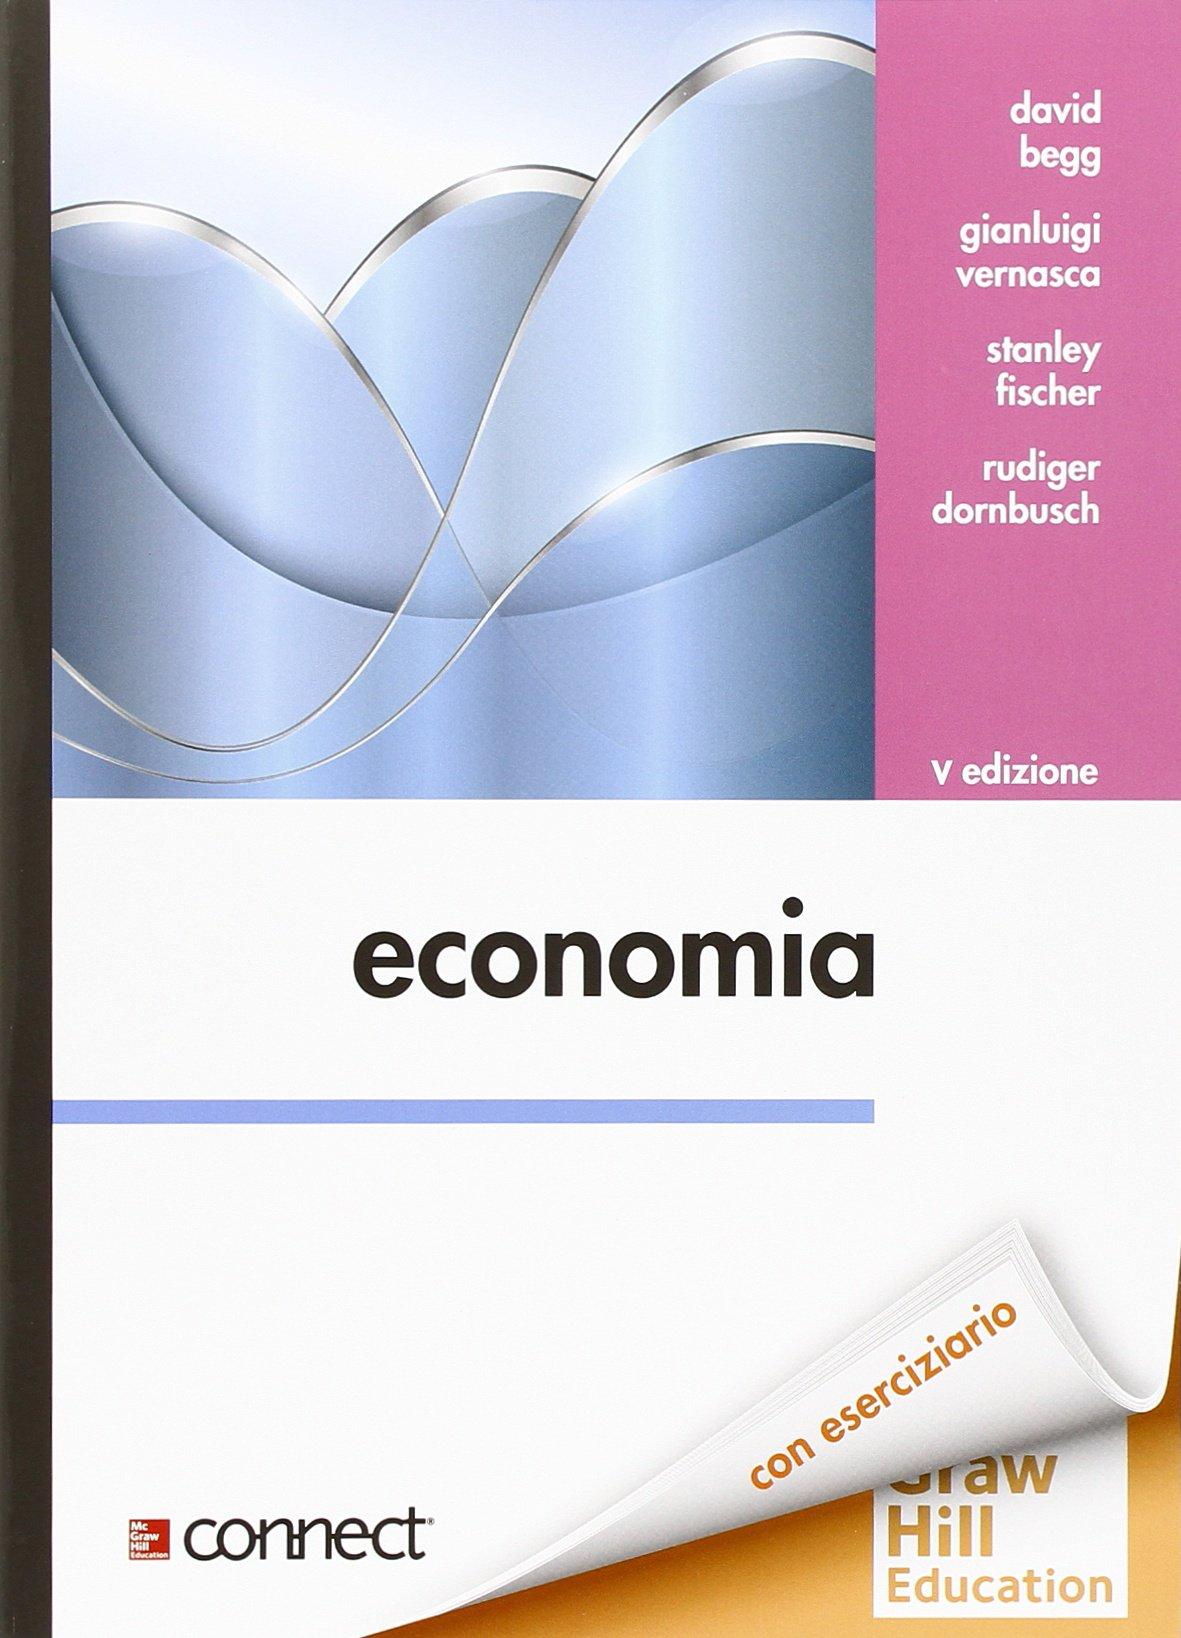 Economia amazon begg david fischer stanley dornbusch rudiger economia amazon begg david fischer stanley dornbusch rudiger libri fandeluxe Images